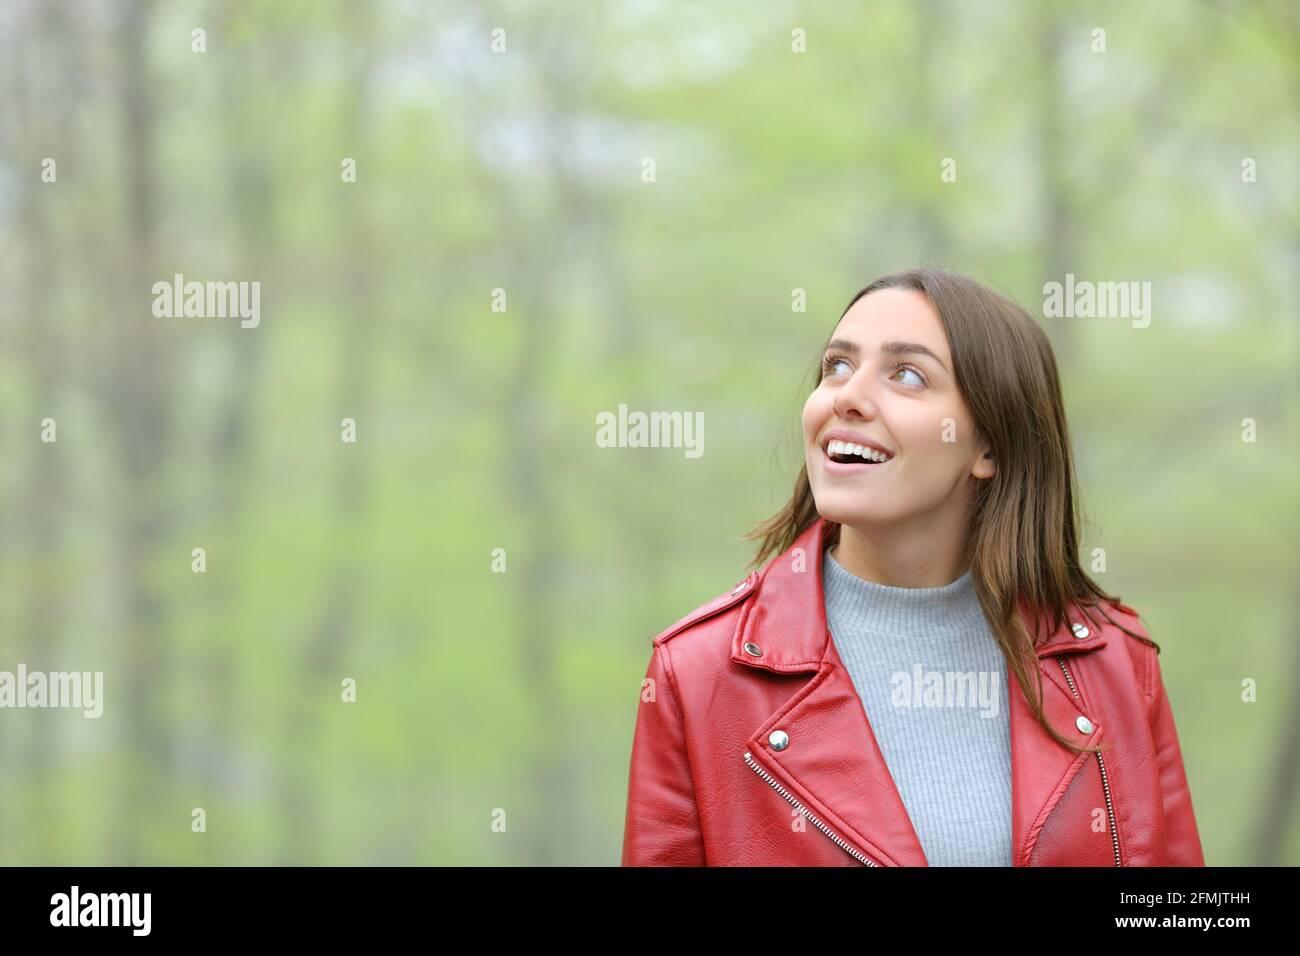 Femme émerveillement en rouge contemplant la marche dans une forêt Banque D'Images